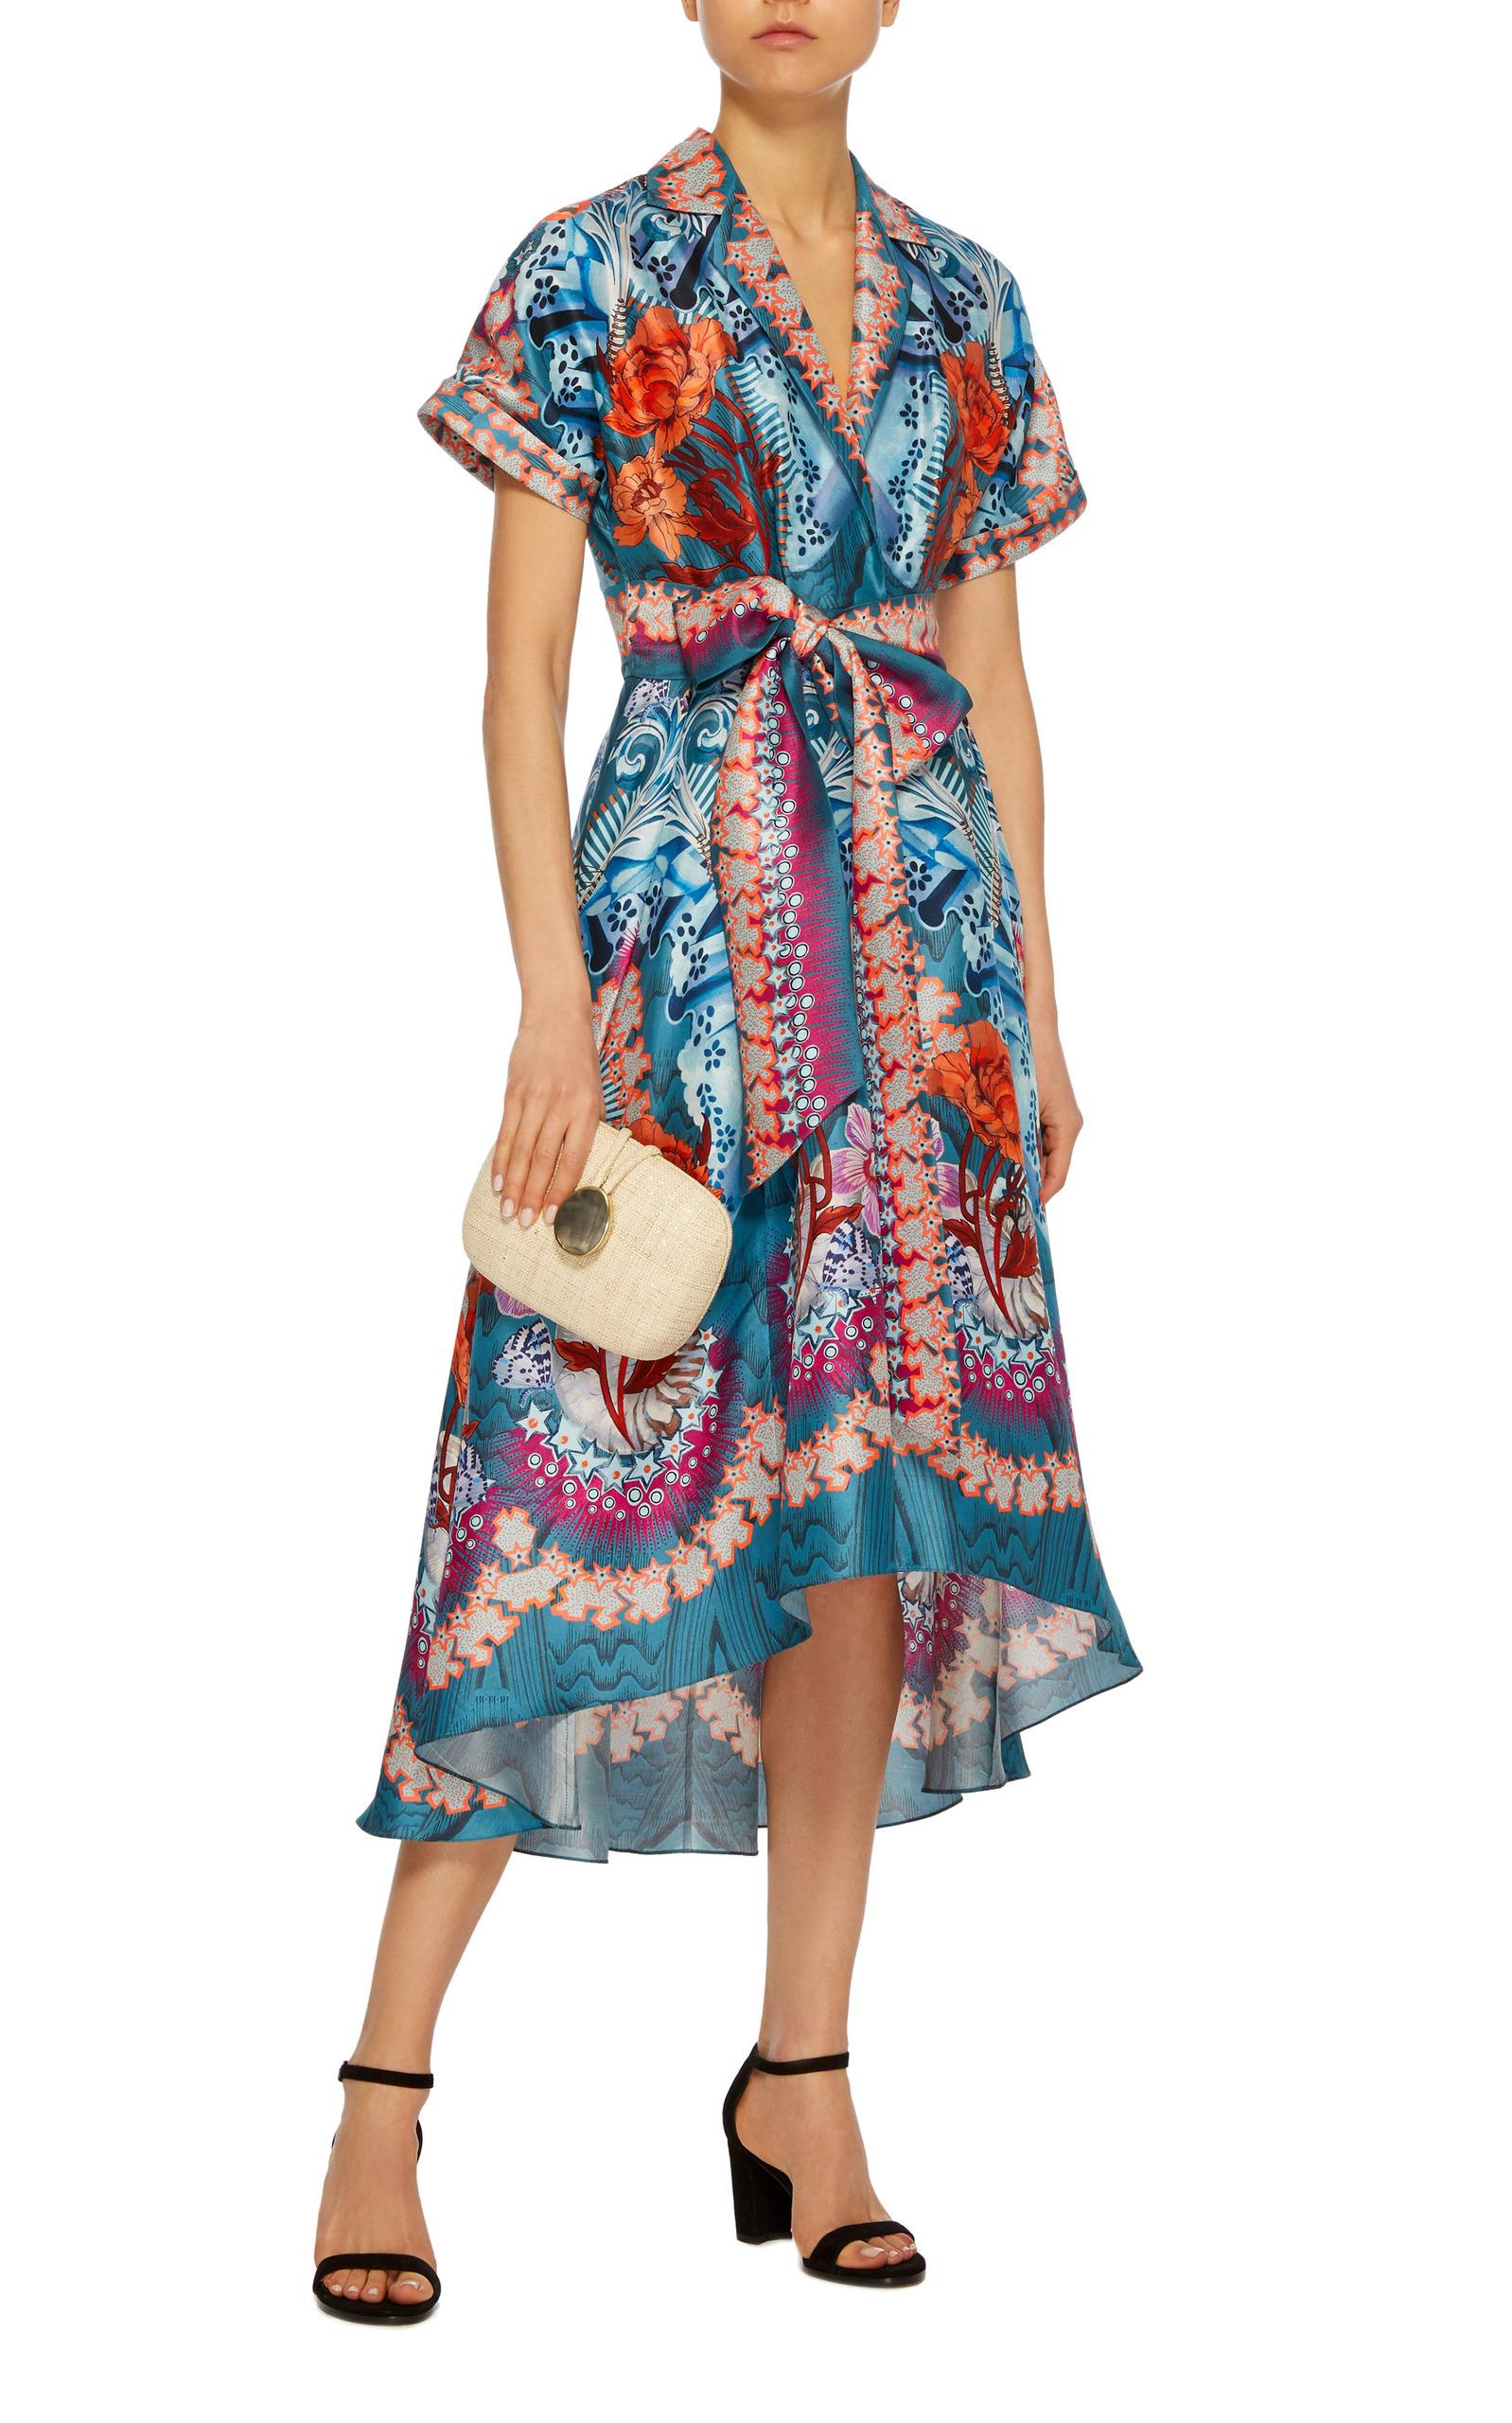 Pipe Dream Belt Silk Dress By Temperley London Moda Operandi